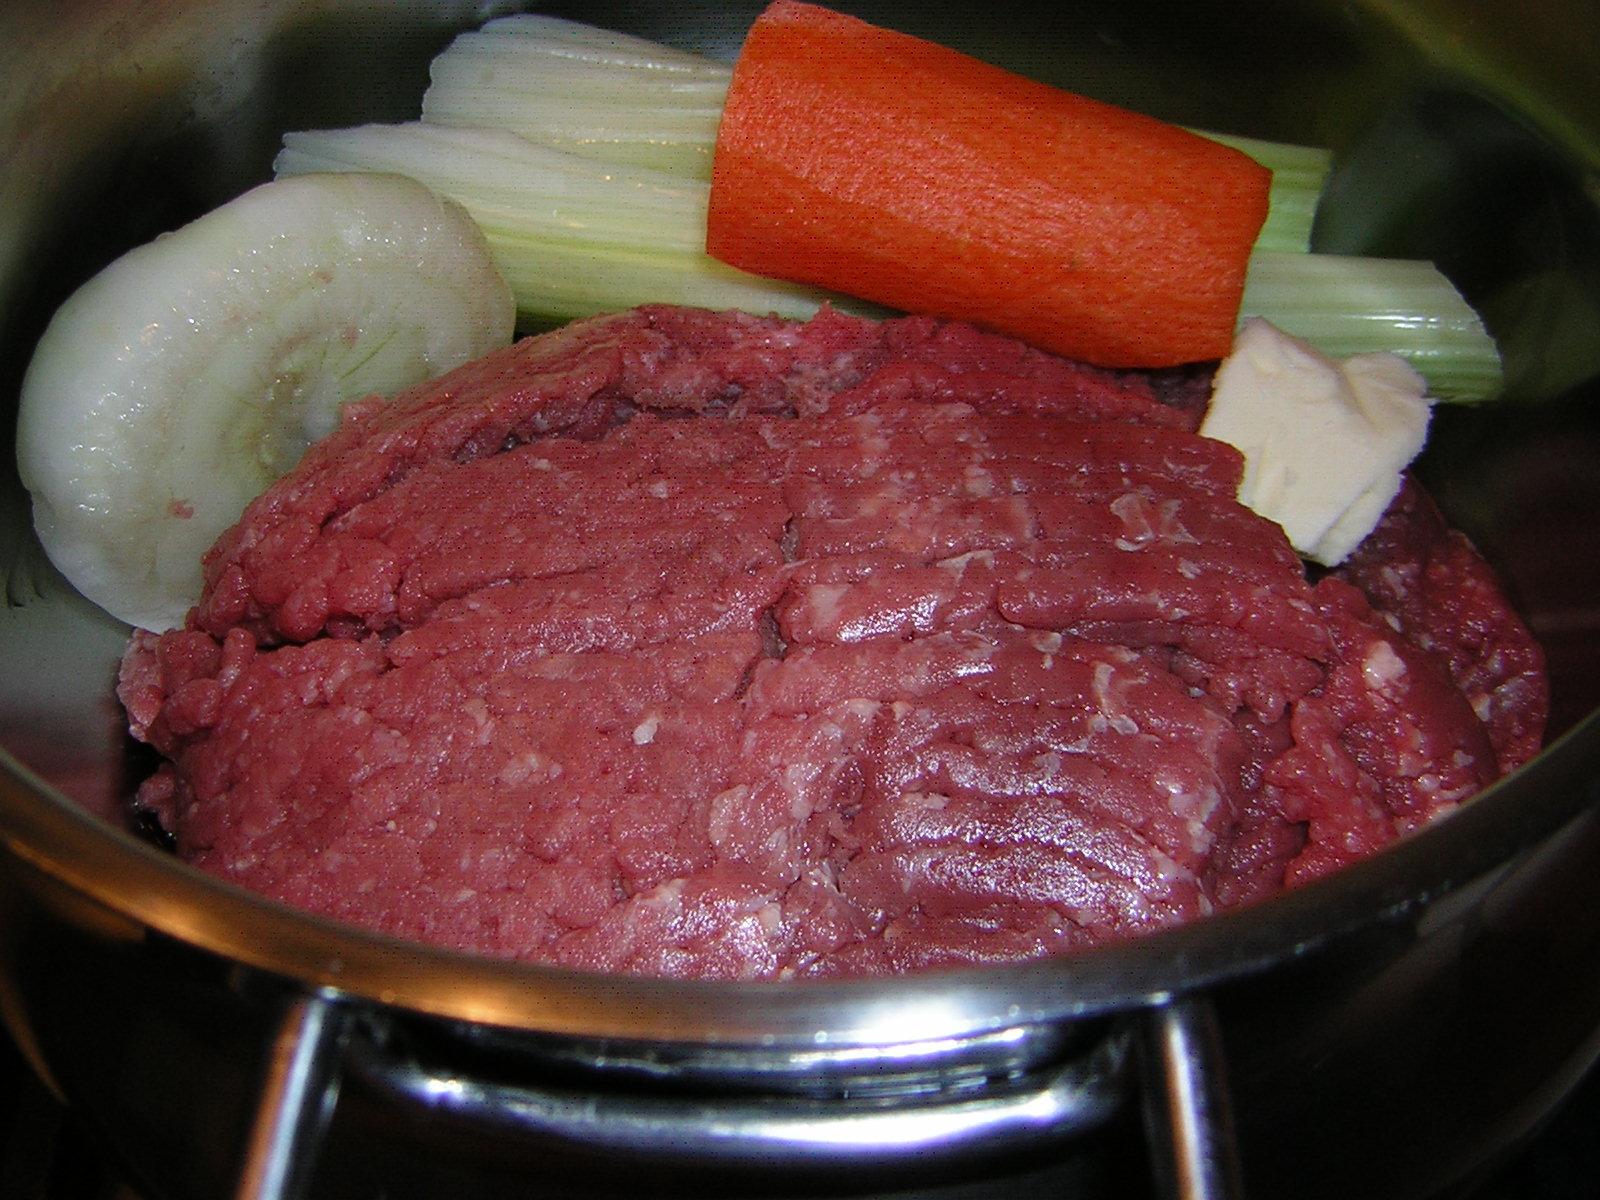 preparazione del ragù per lasagne e cannelloni